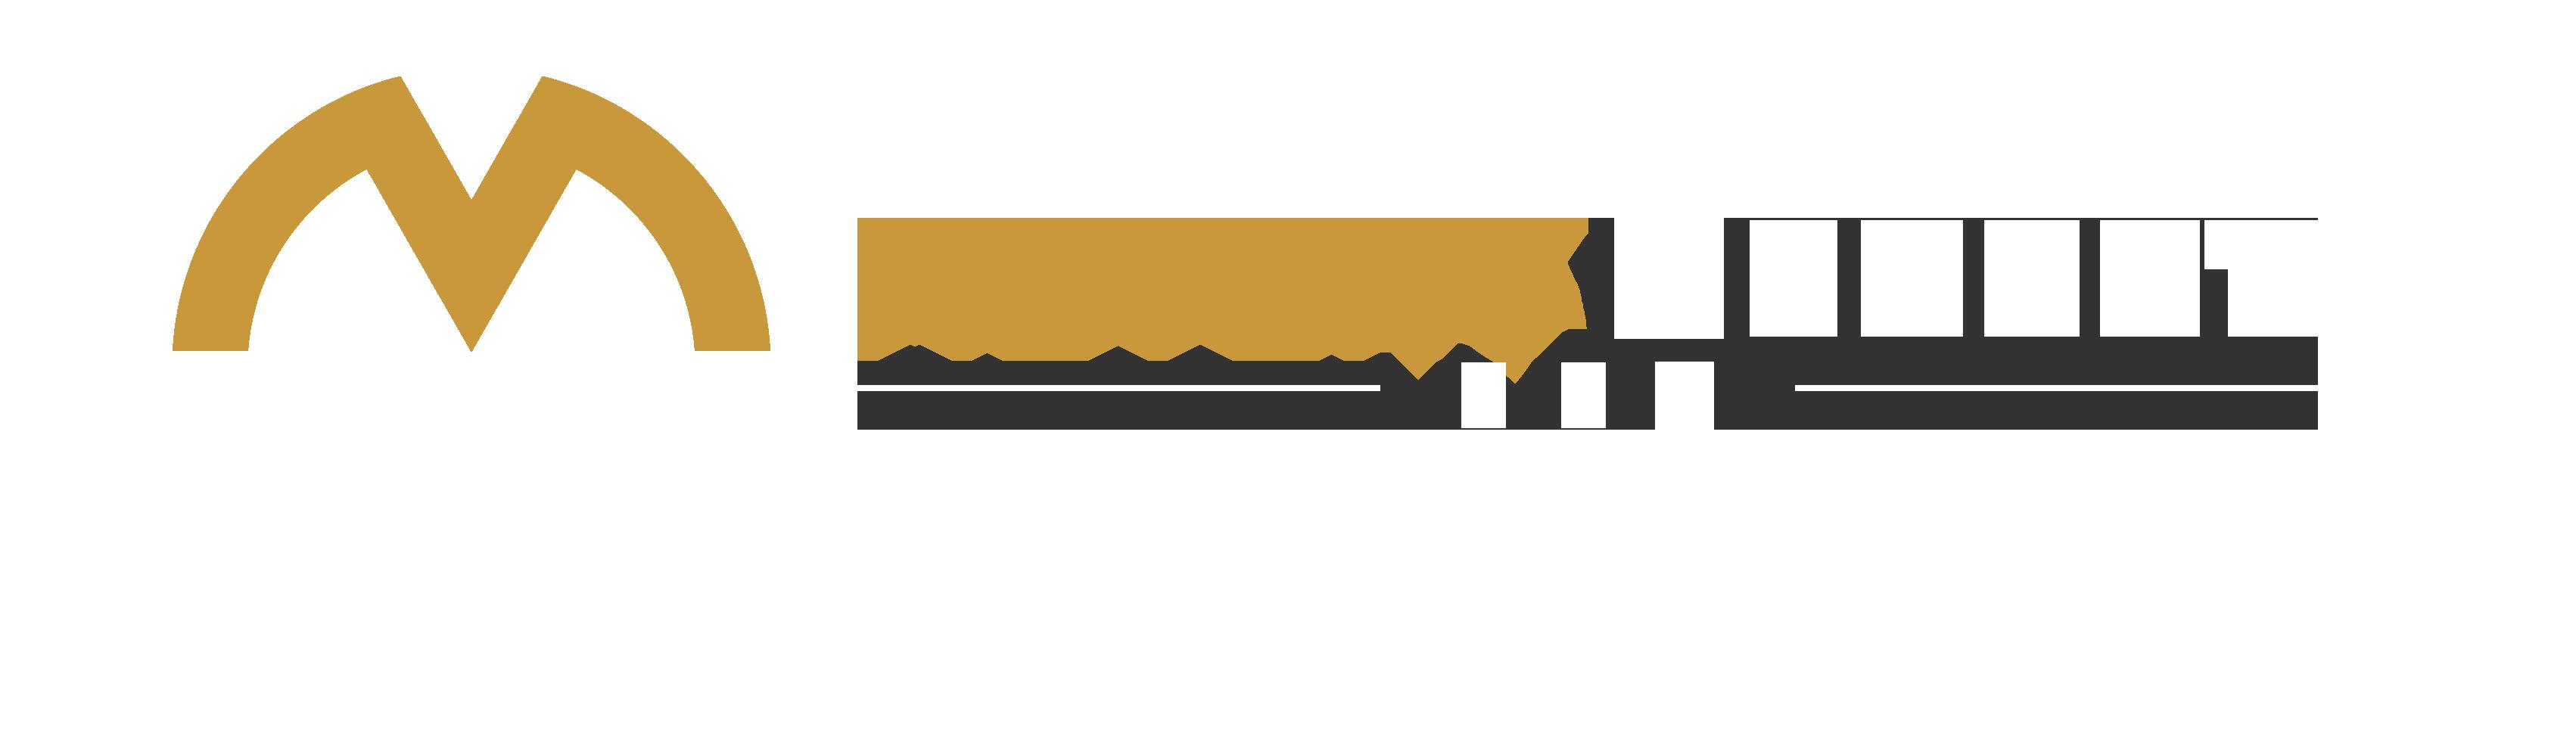 Meyers Gentry CPA